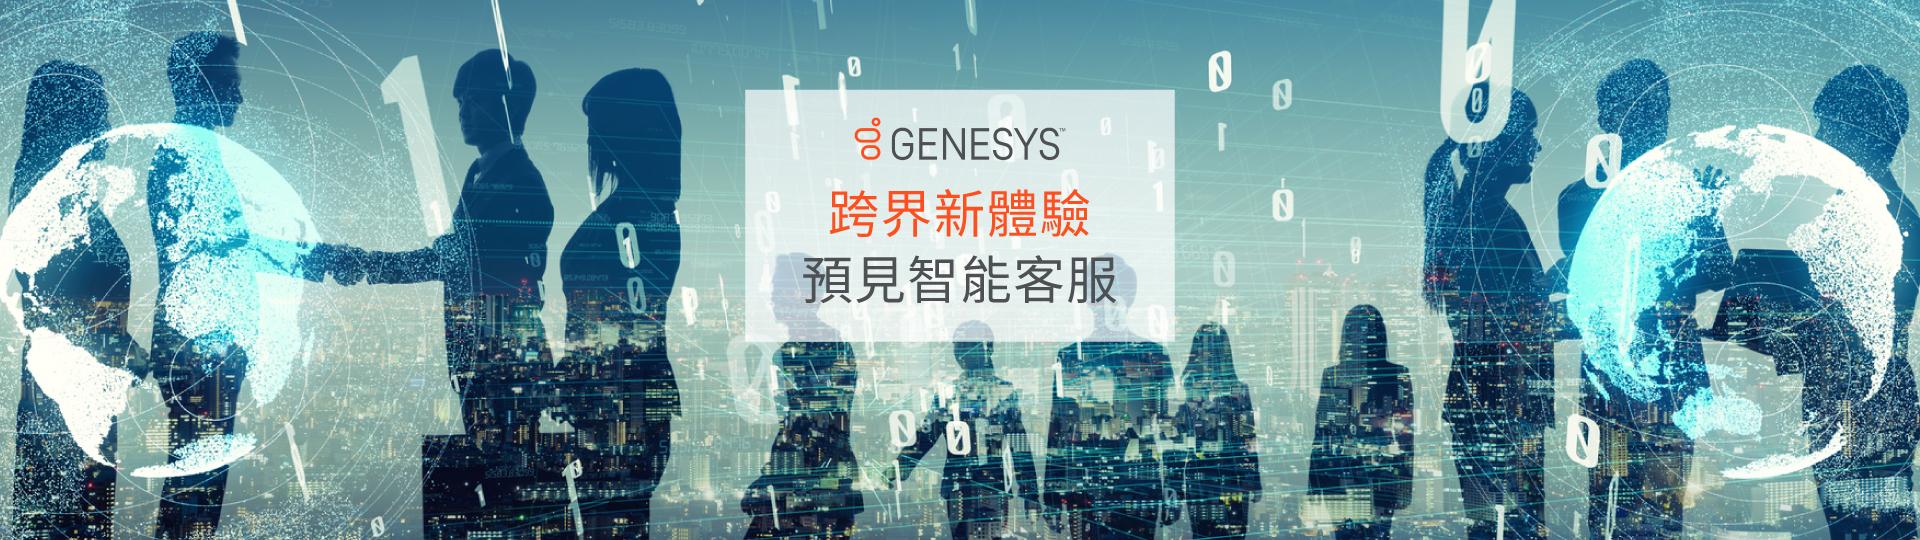 [商業周刊 x Genesys] 跨界新體驗 預見智能客服